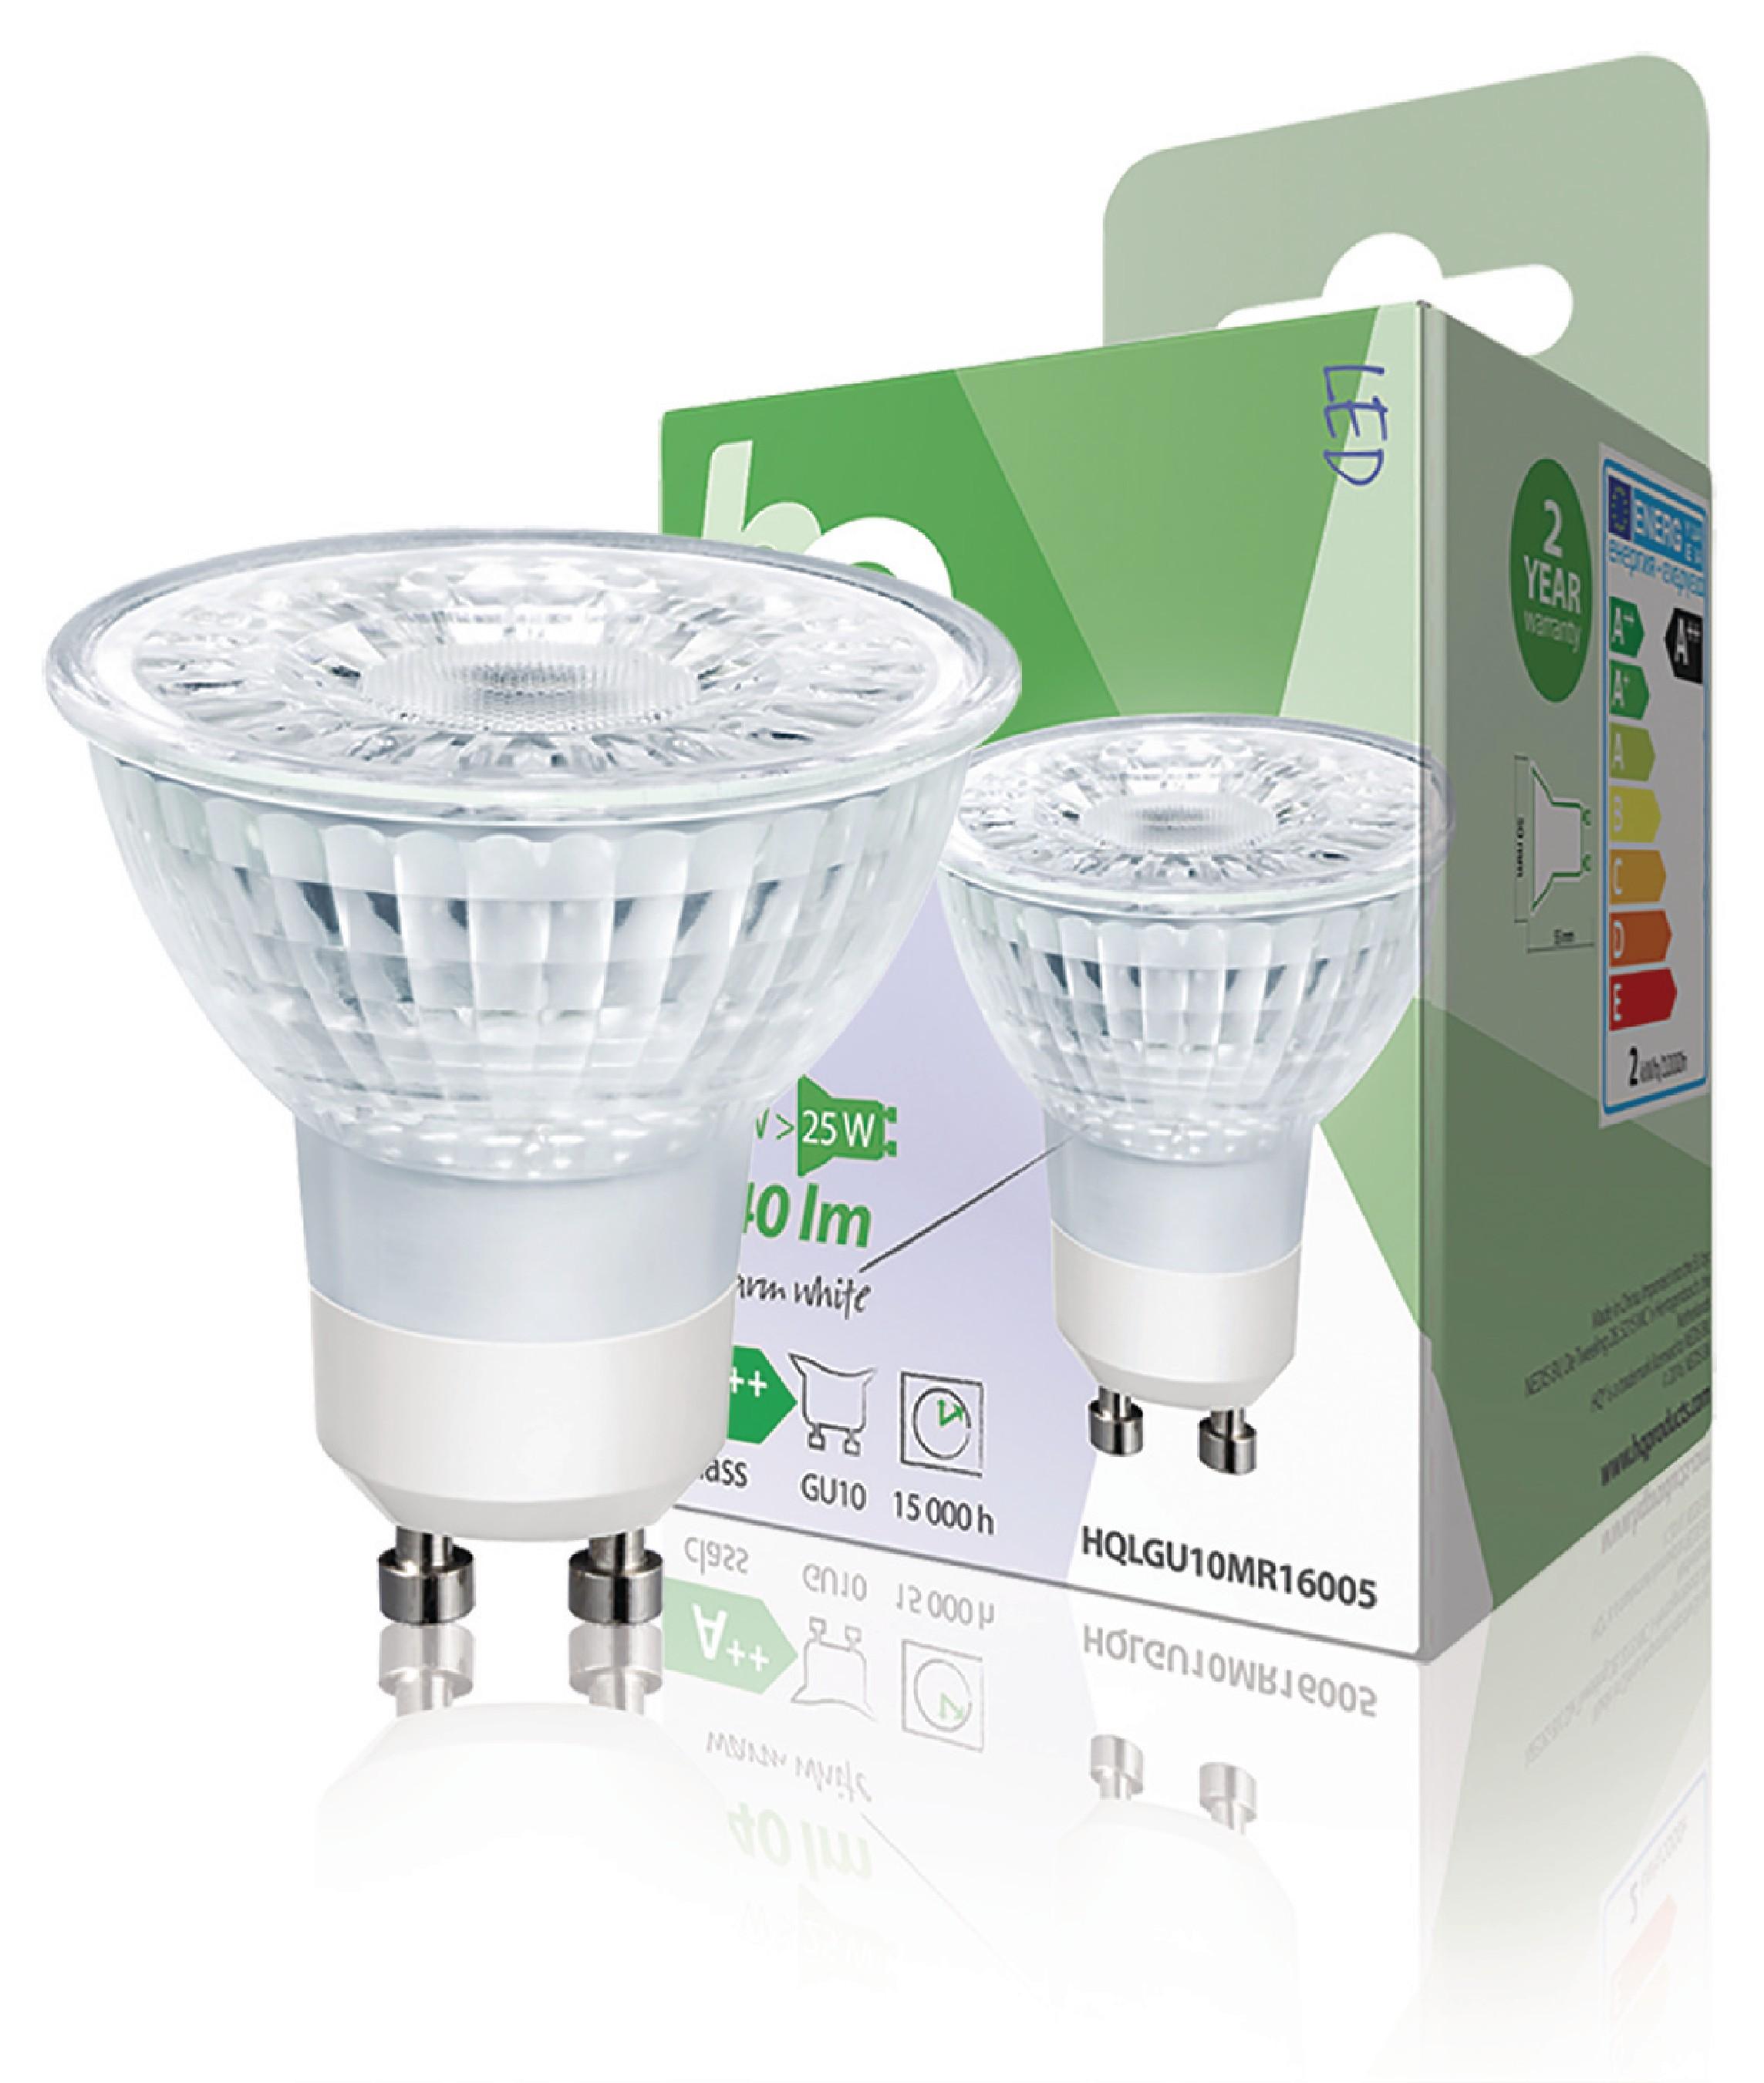 HQ LED žárovka MR16 GU10 2.3W 140lm 2700K (HQLGU10MR16005)